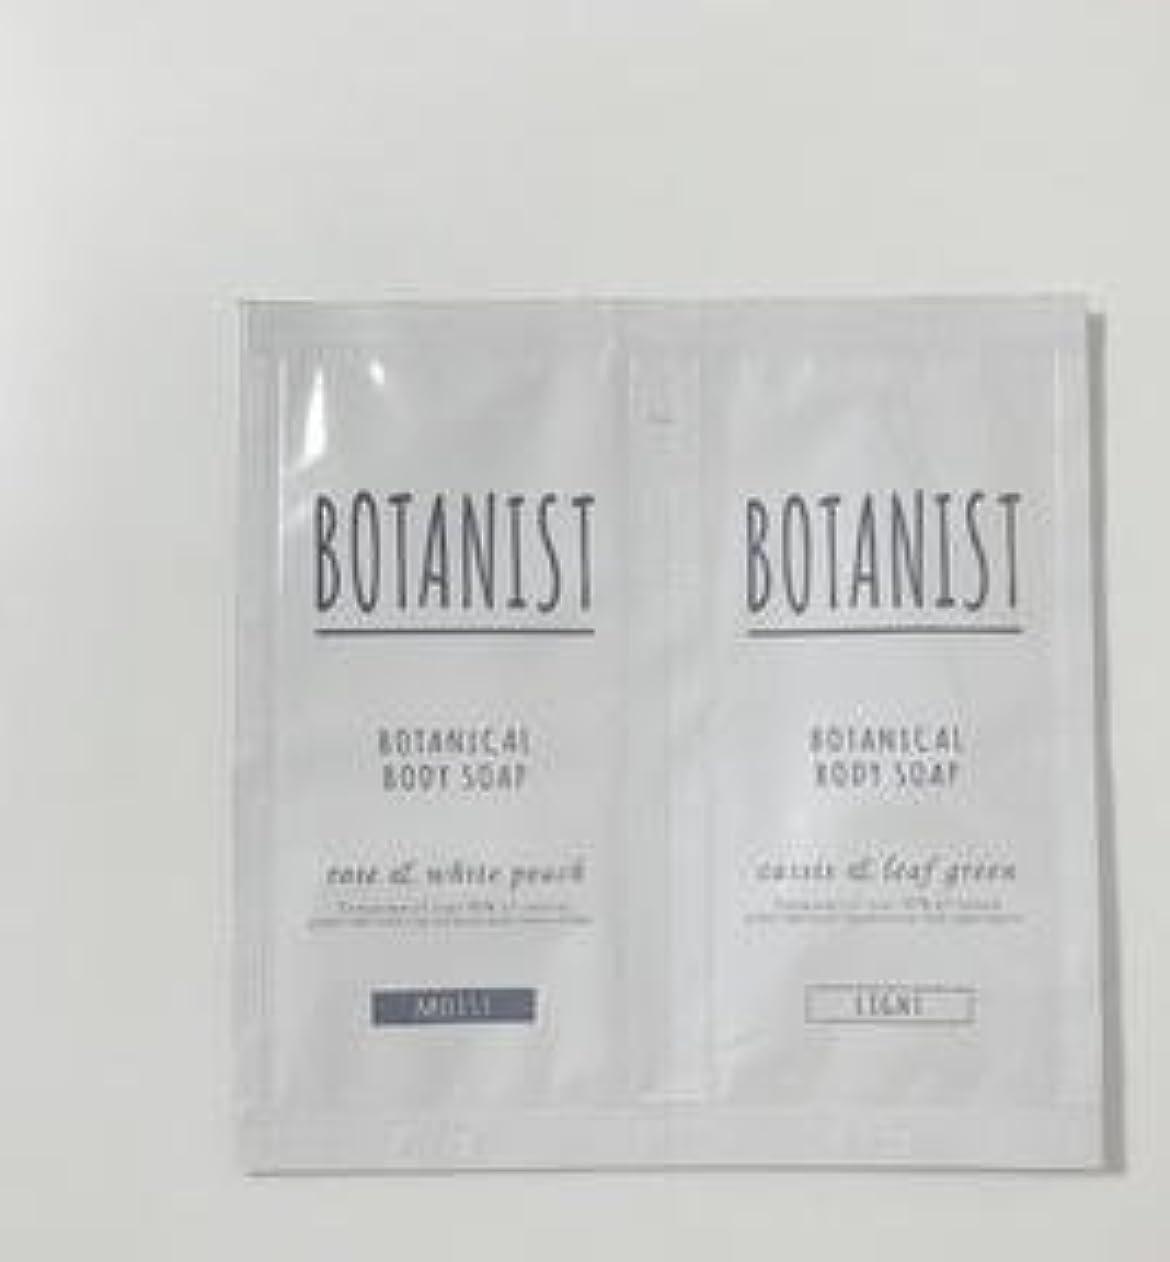 気楽な否認する符号BOTANIST ボタニカル ボディーソープ ライト&モイスト トライアルセット 8ml×2 (ライト&モイスト, 1個)